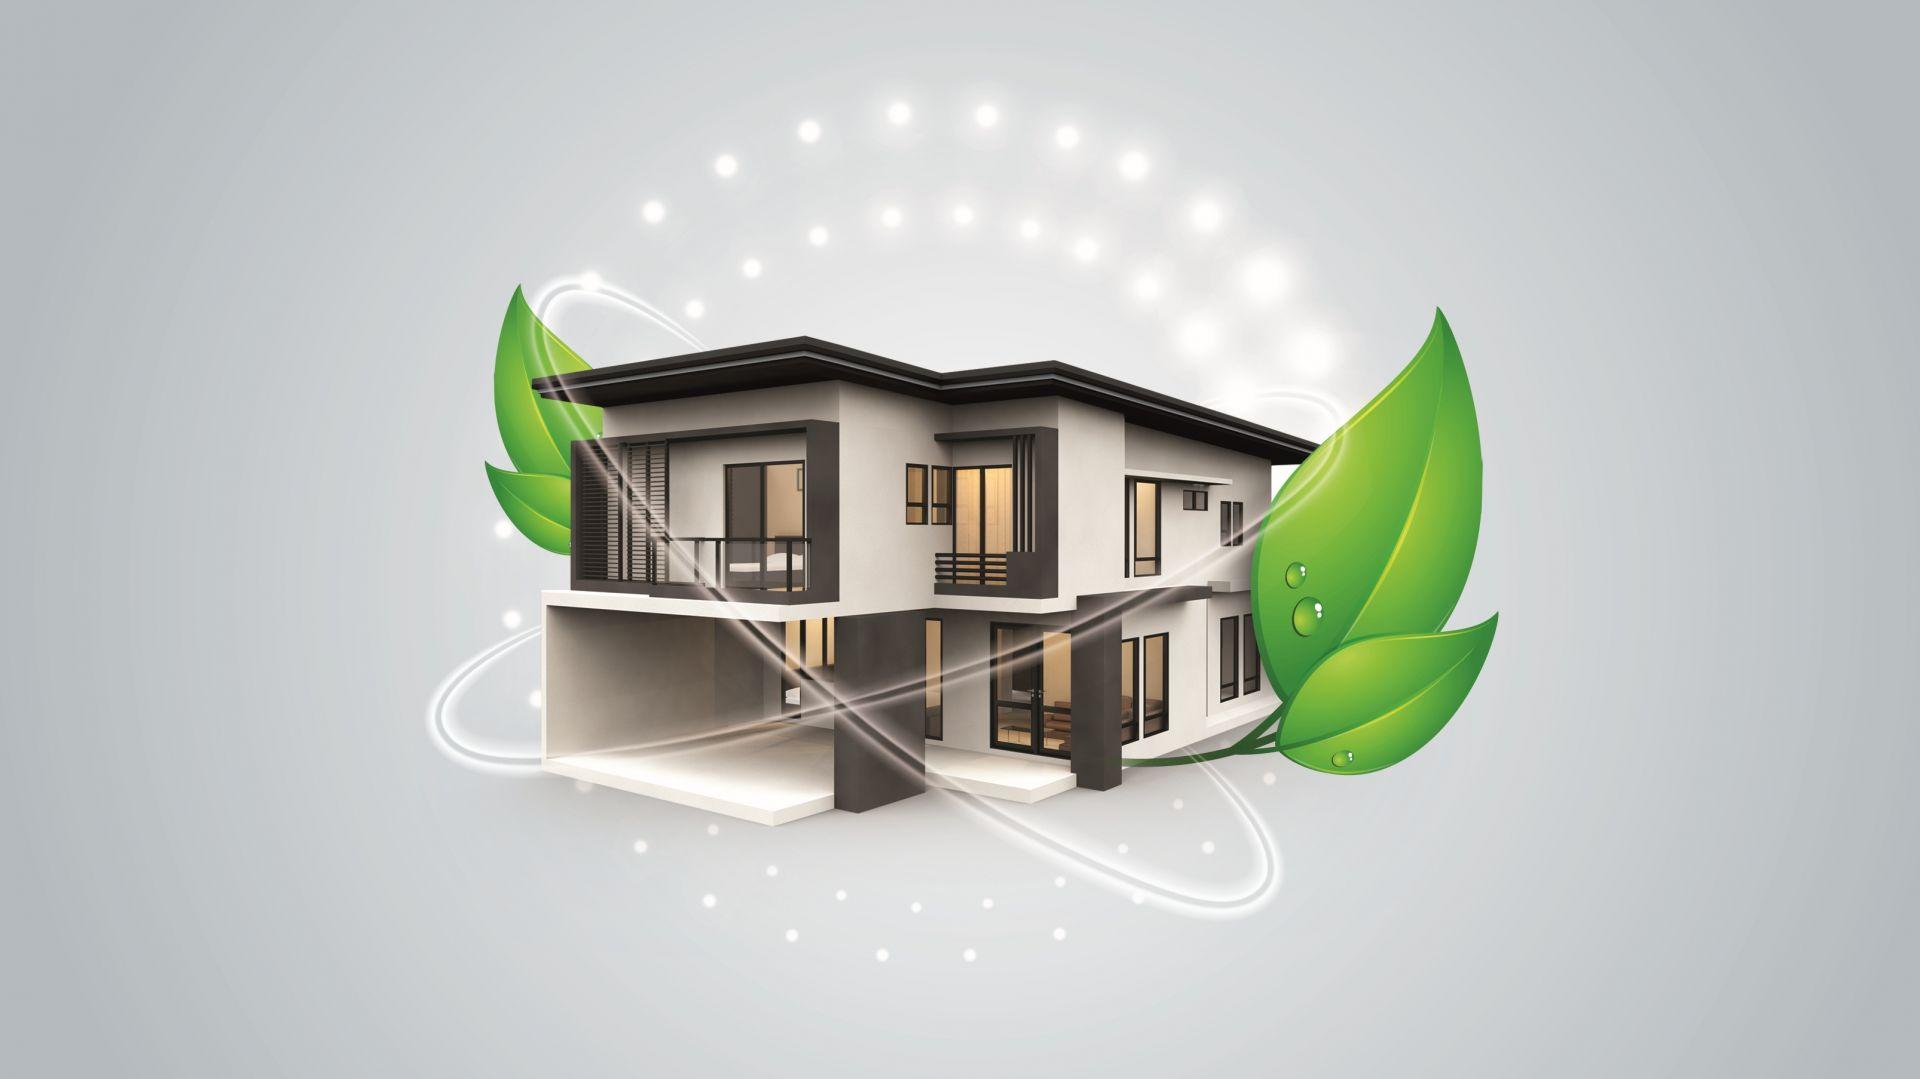 Działaniem ograniczającym emisję smogu, które pozwoli przynieść dostrzegalne efekty, jest kompleksowe ocieplenie energochłonnych budynków. Fot. Knauf Therm